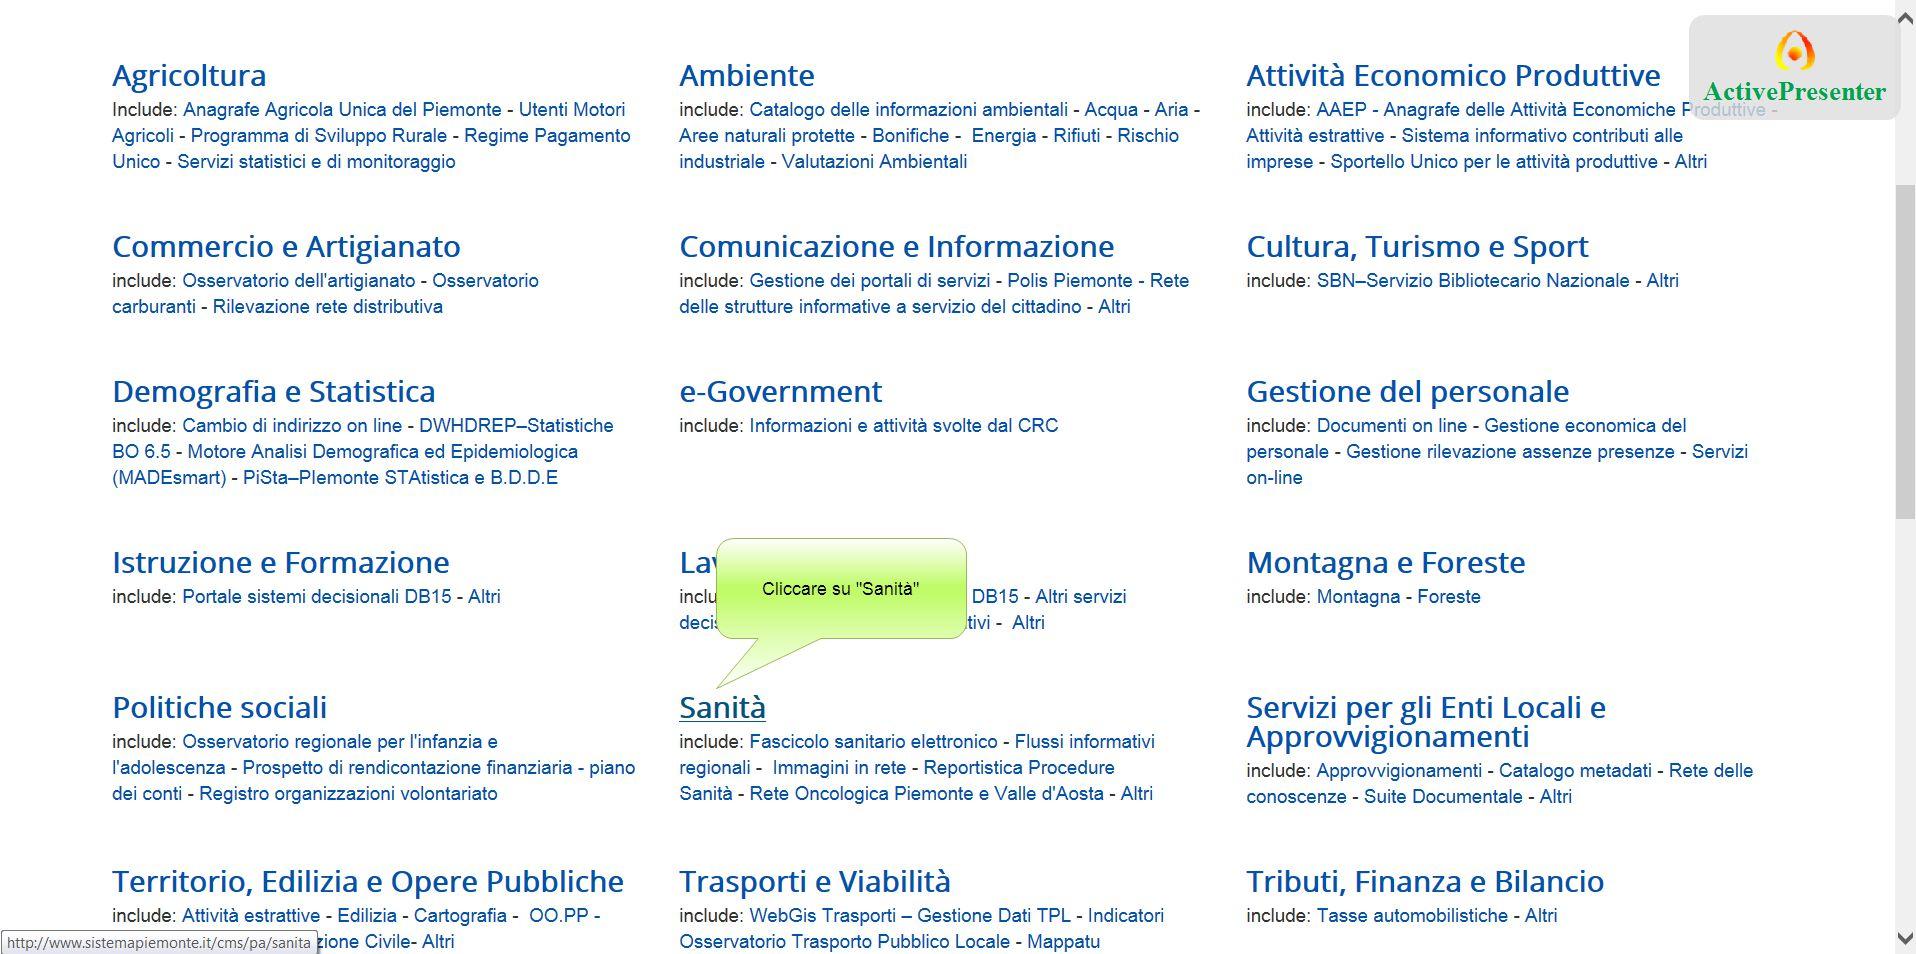 Cliccare sulla barra ''Anno Precedente'' per ordinare i valori selezionabili Valori utili per filtrare la ricerca.